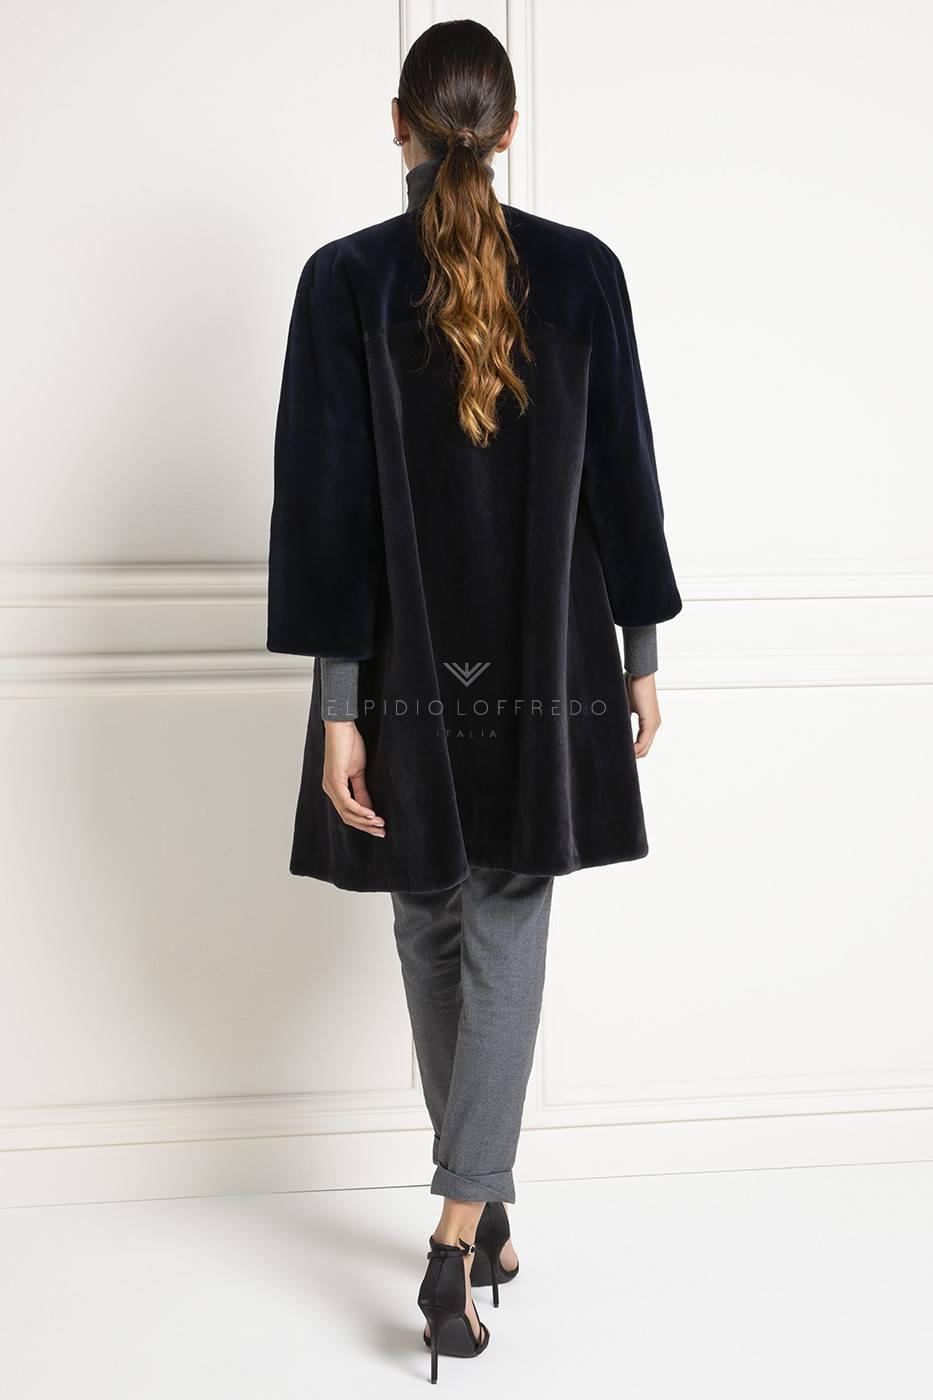 Cappotto di Visone Rasato - Lunghezza 80 cm